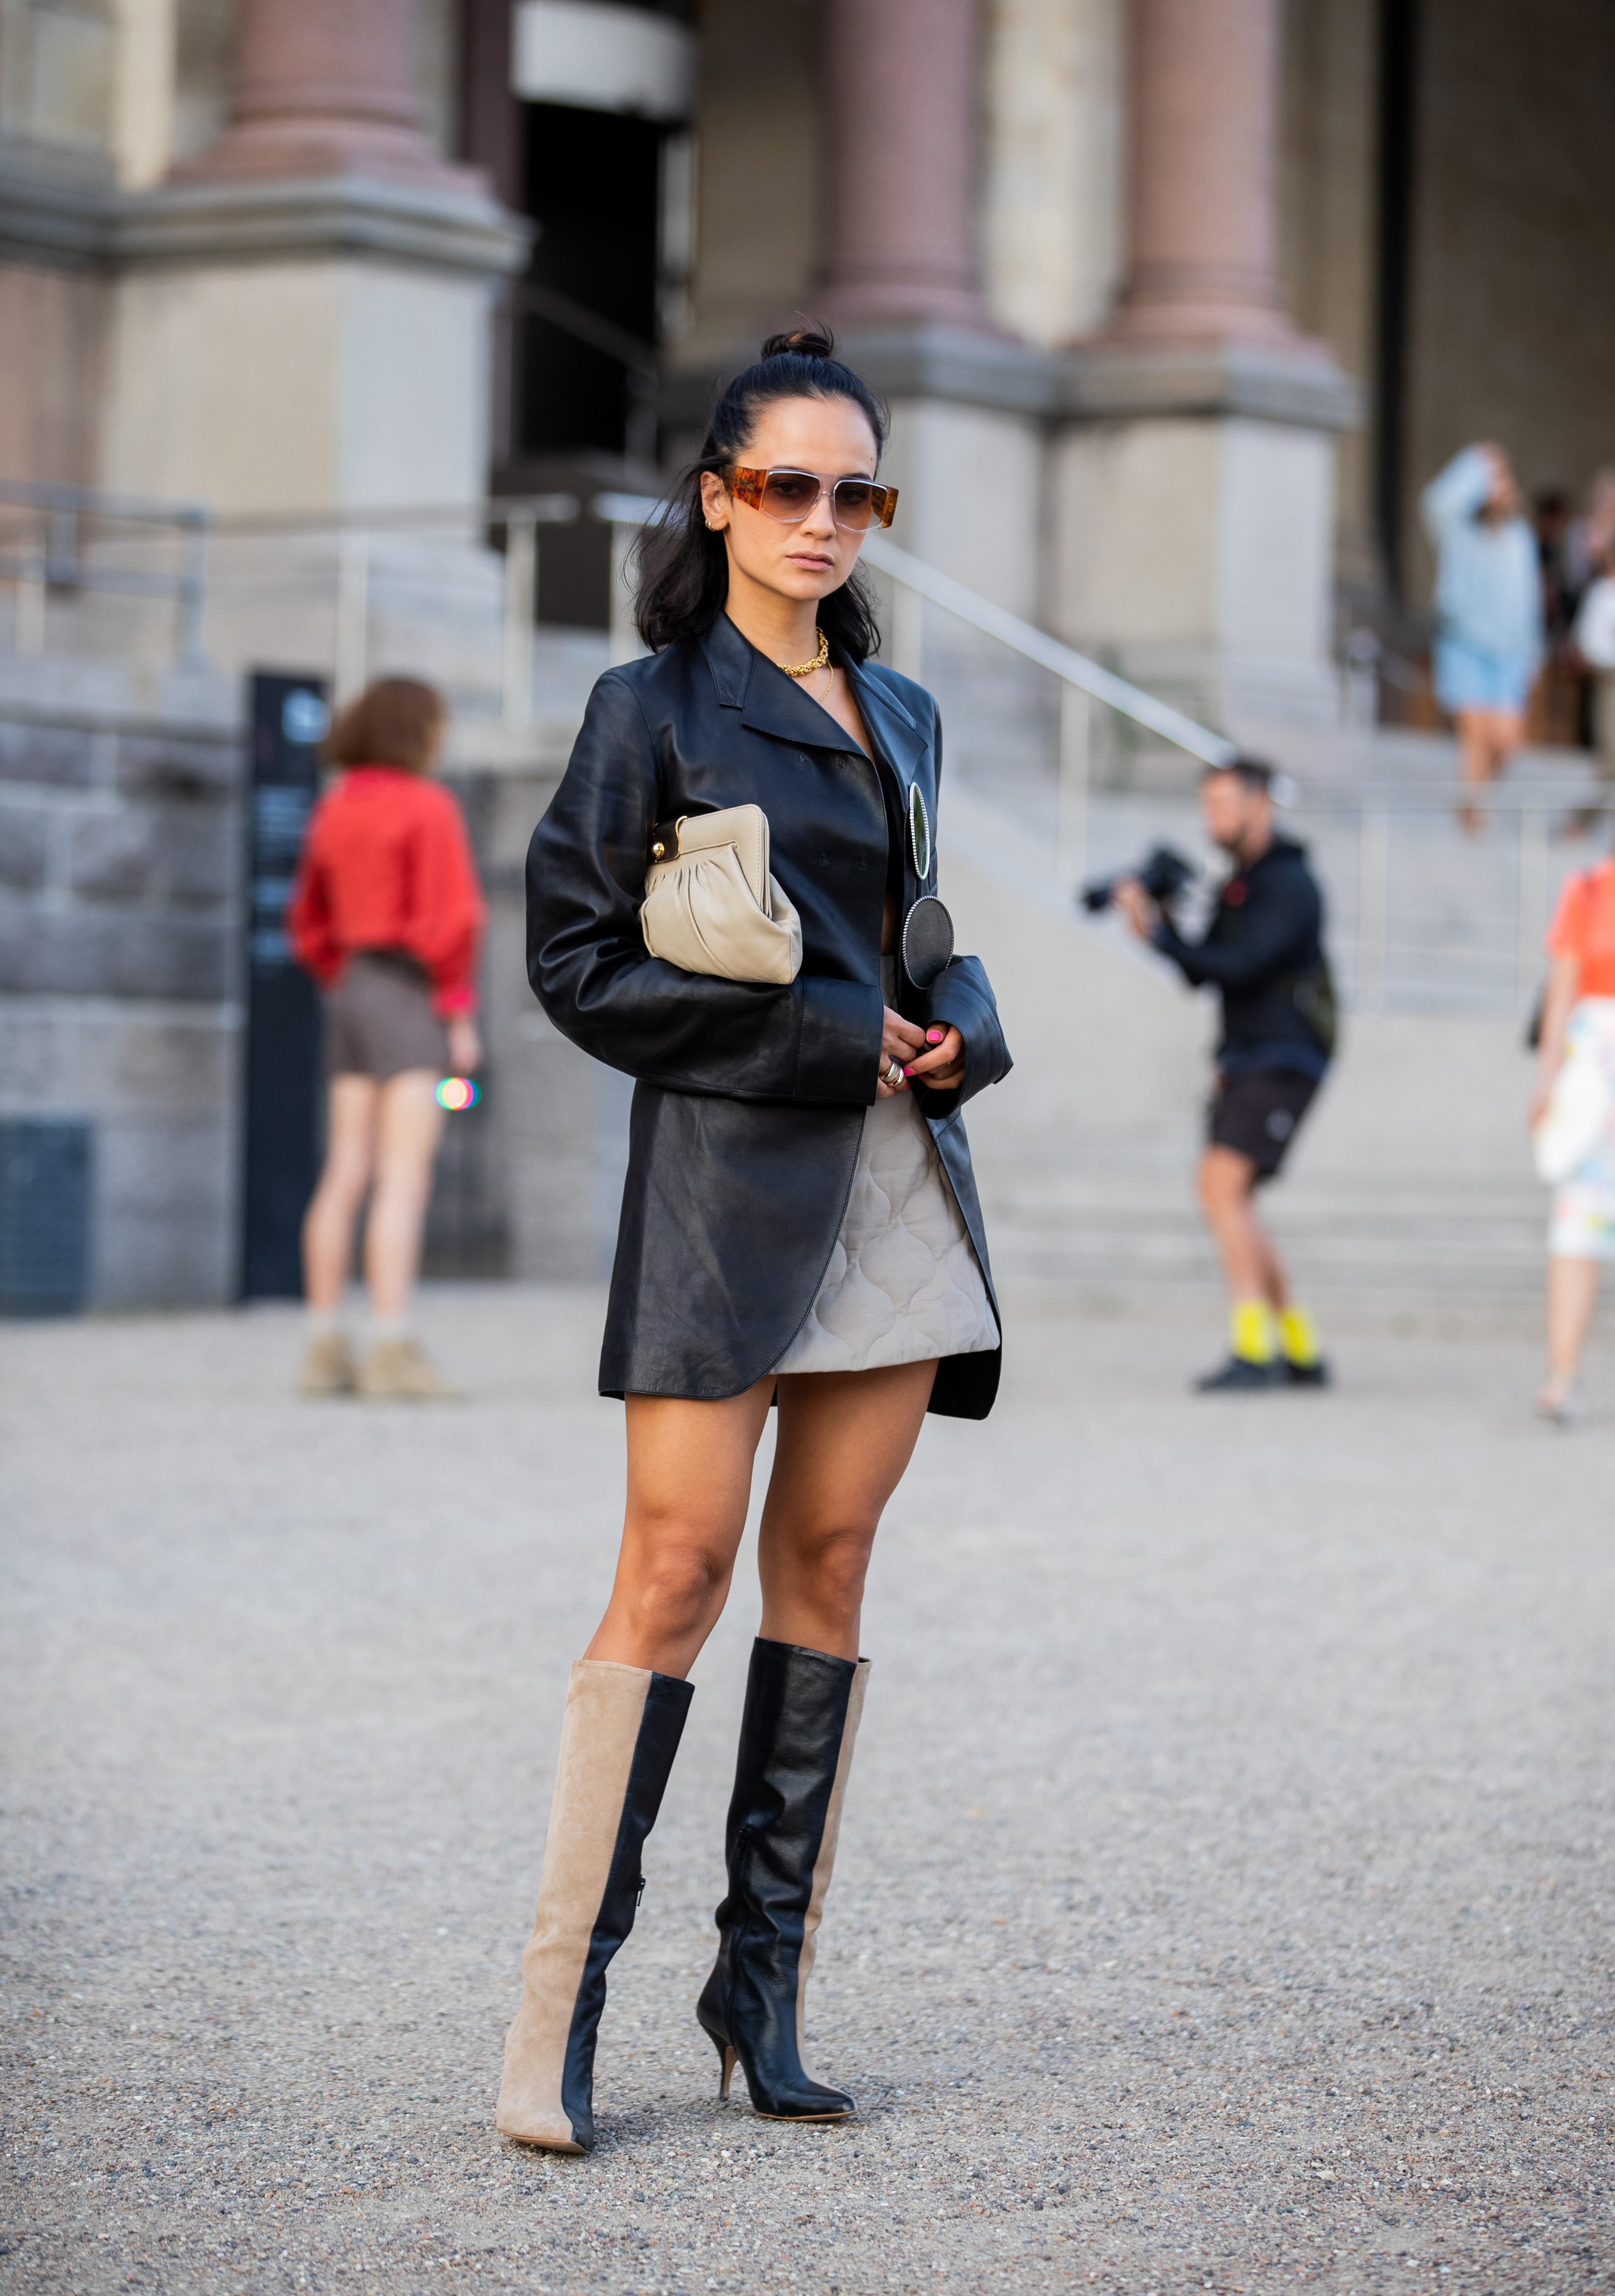 レザー質感のブラックジャケットにはキルティングの素材でスカートをコーディネイト。プレーンなデザインのアイテムだから異素材ミックスで遊びを効かせて。2トーンのロングブーツも効果的。